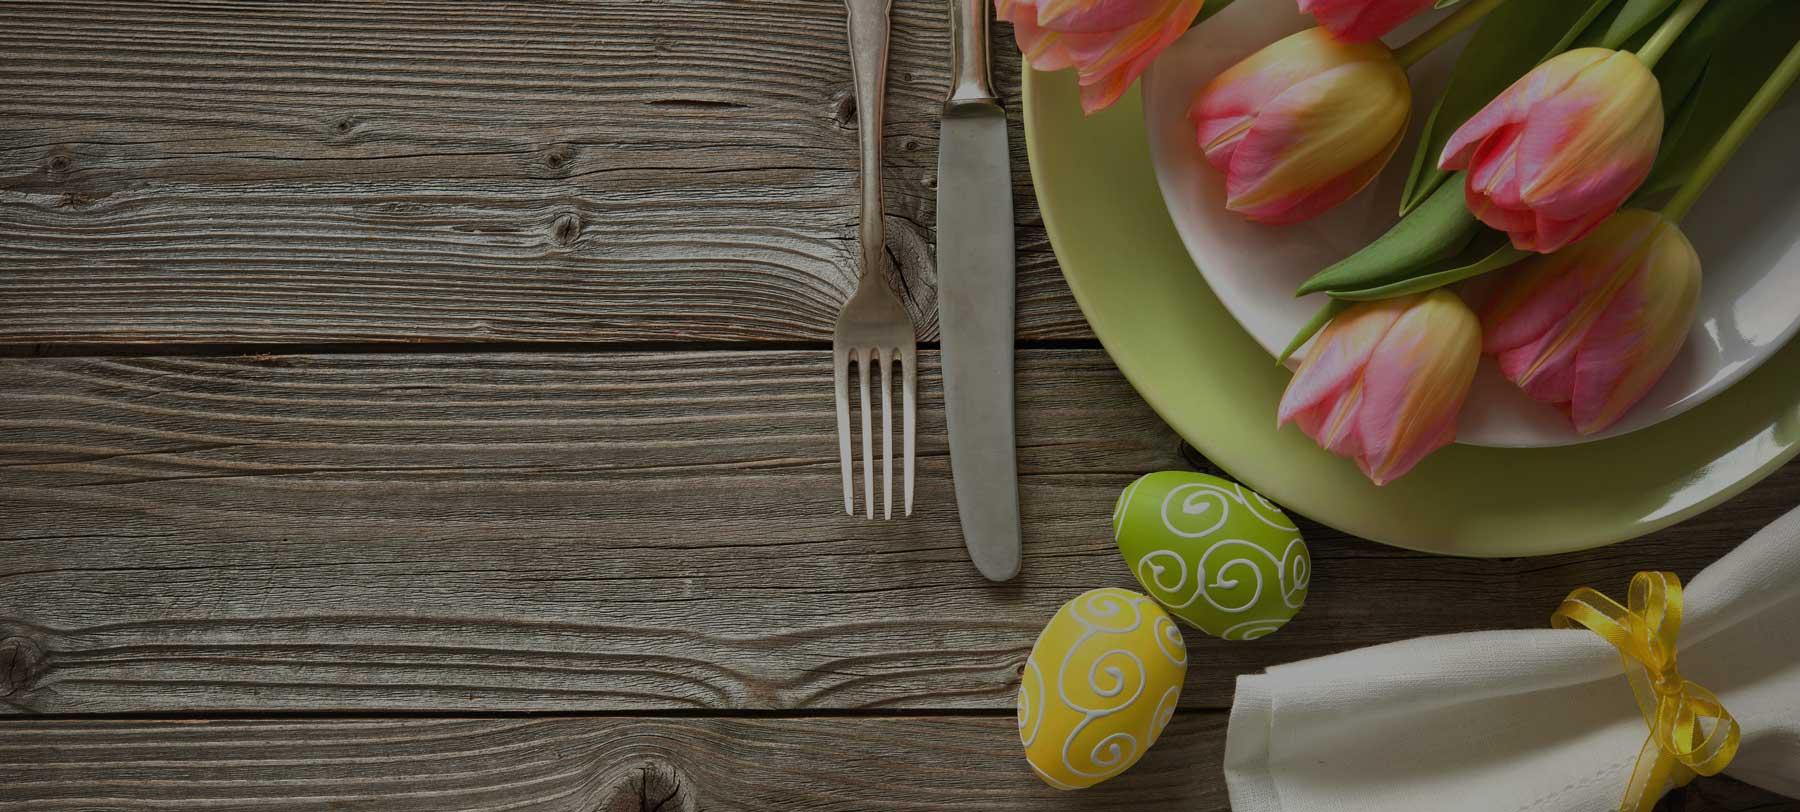 Easter brunch at Lucas Park Grille